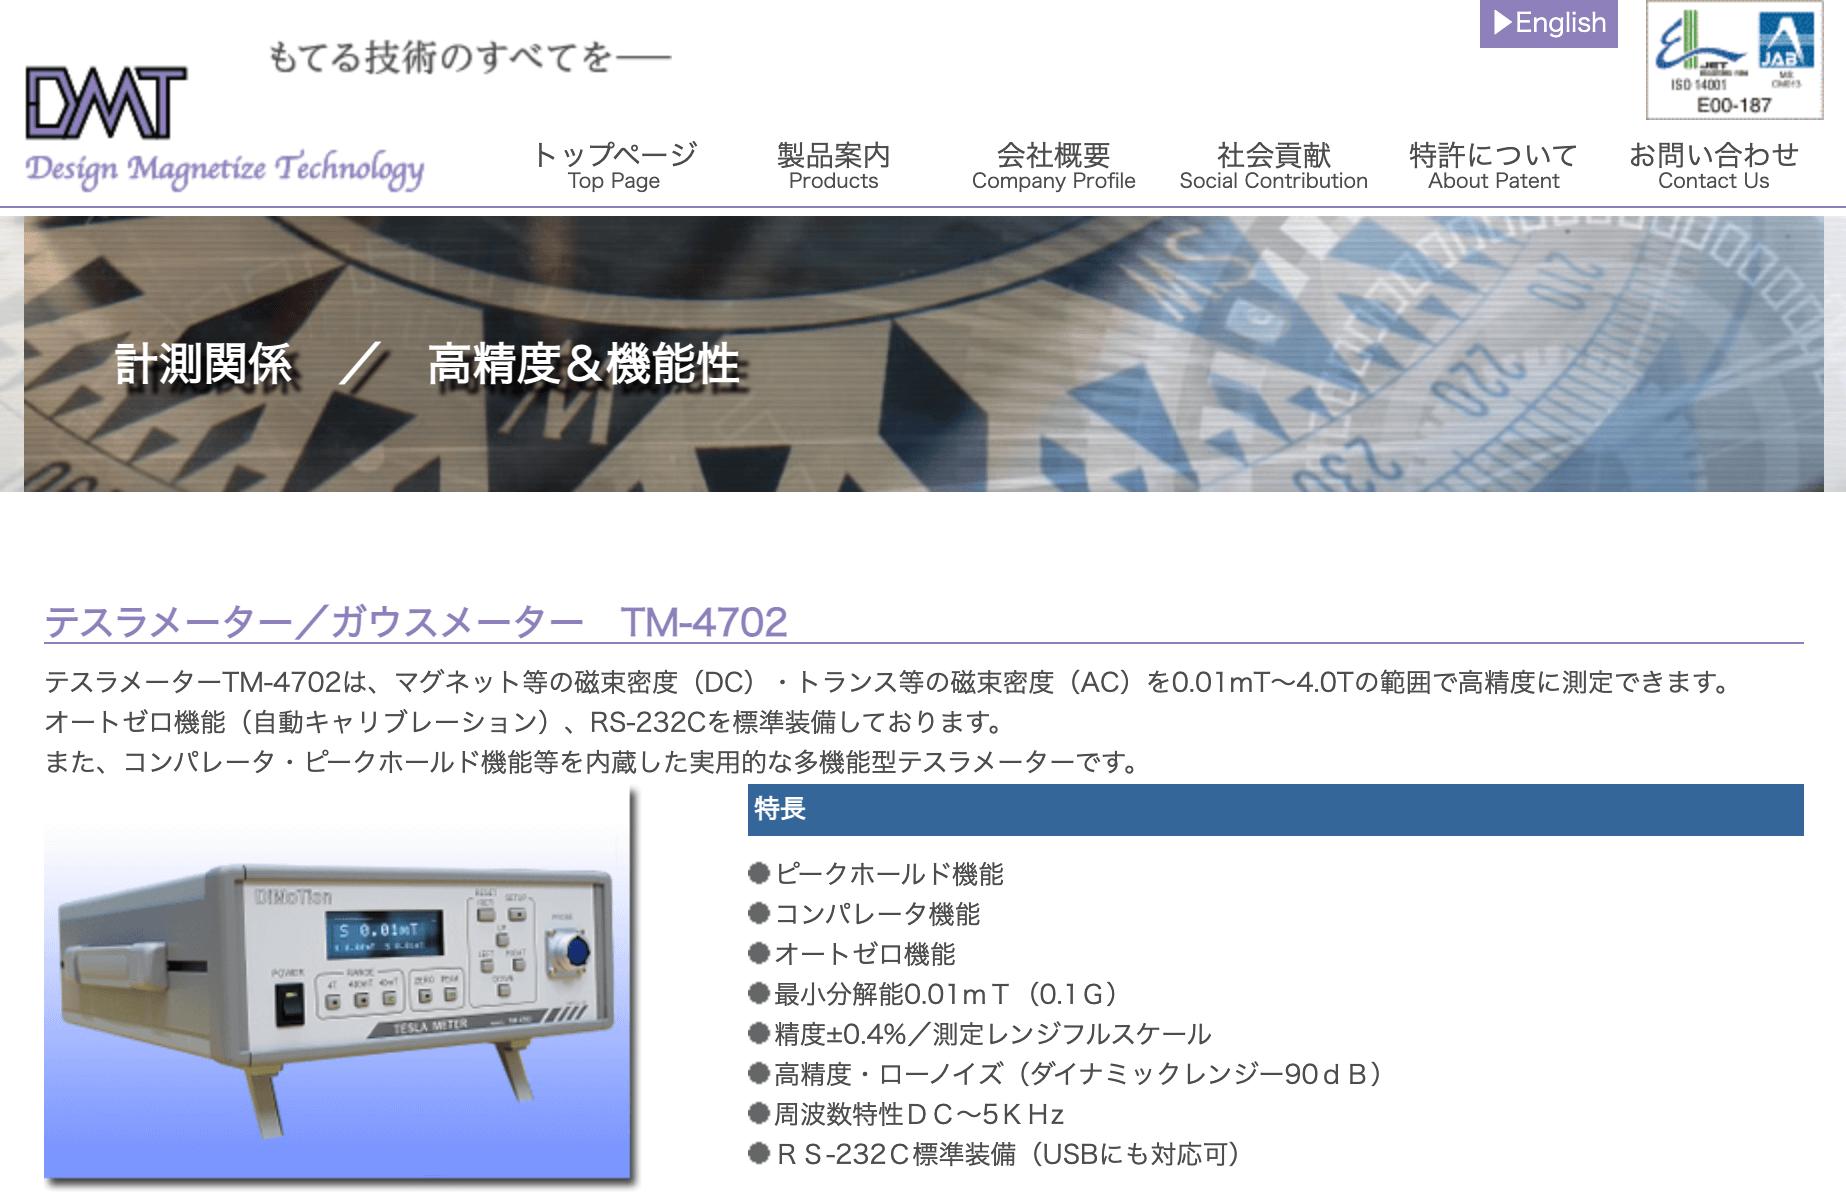 3軸テスラメーター/ガウスメーター TM-4300